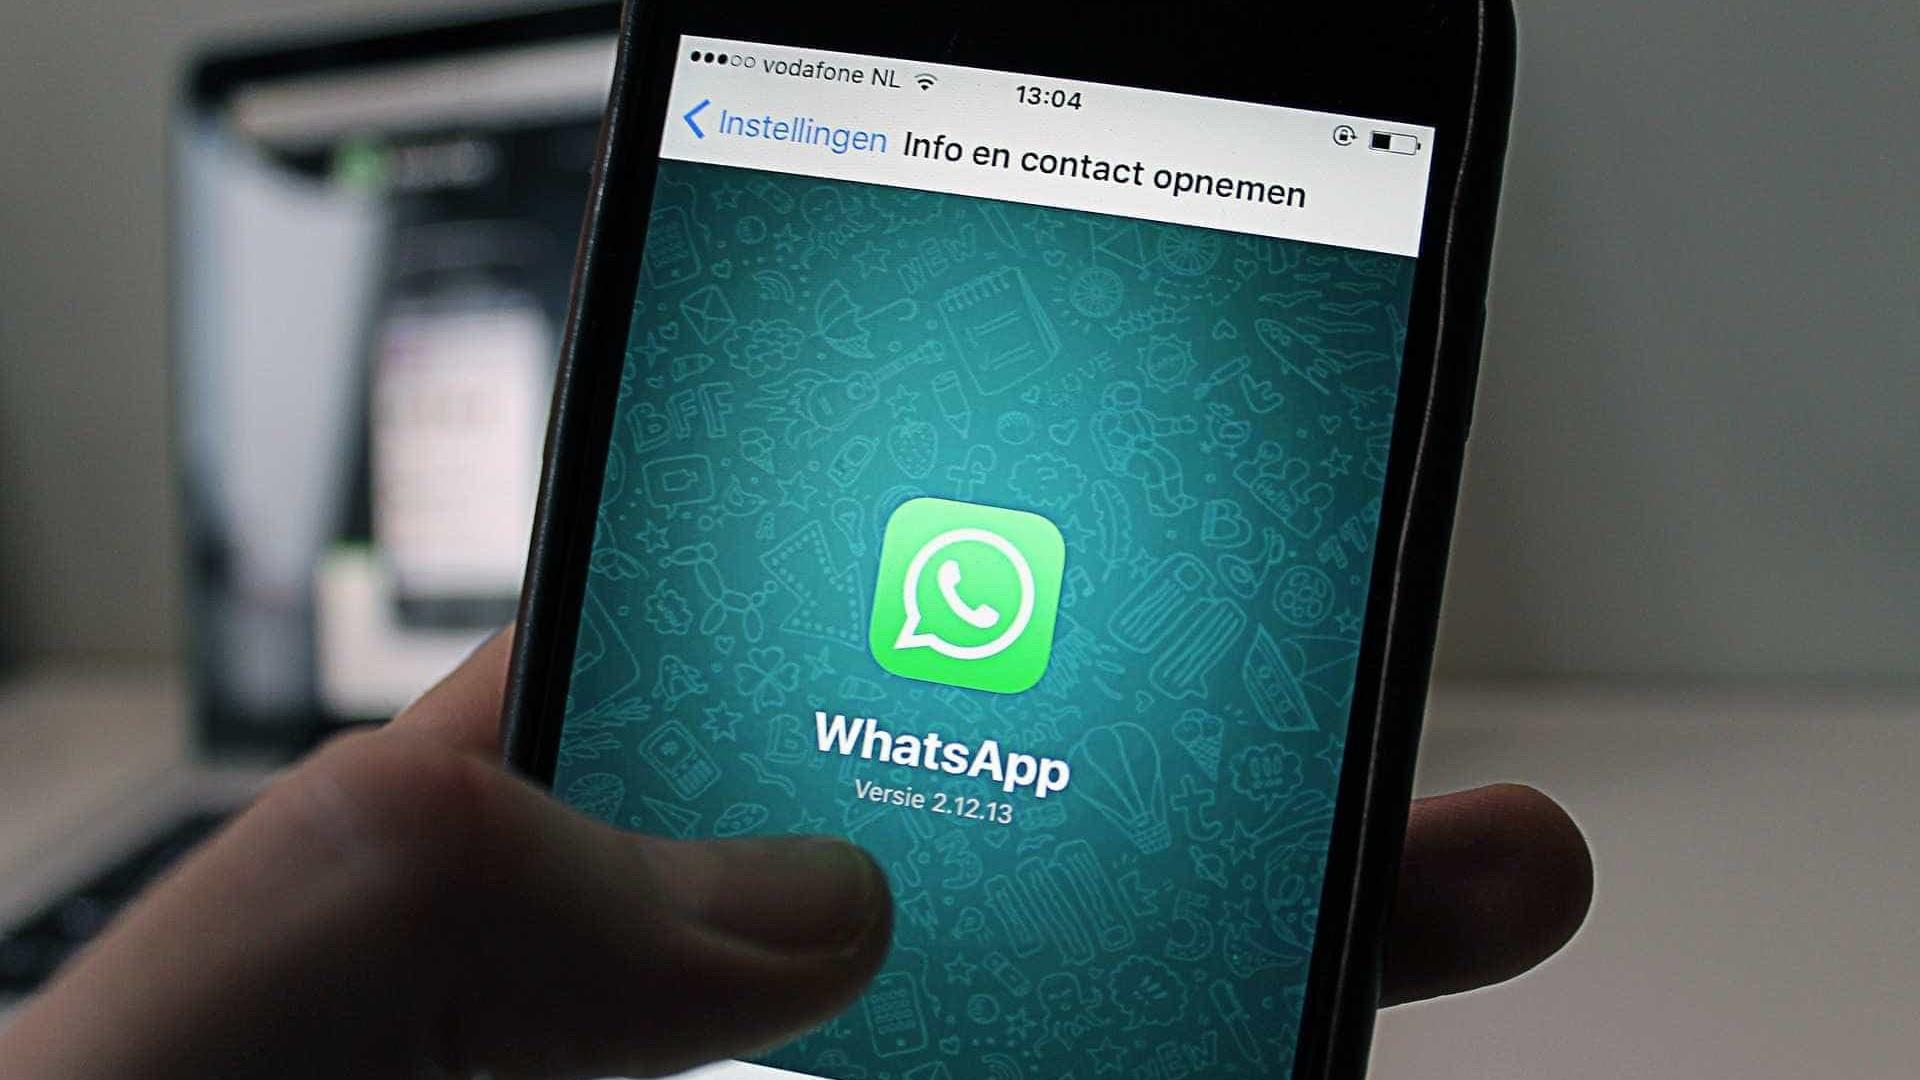 Boato de sequestro de crianças  divulgado via WhatsApp causa 7 mortes